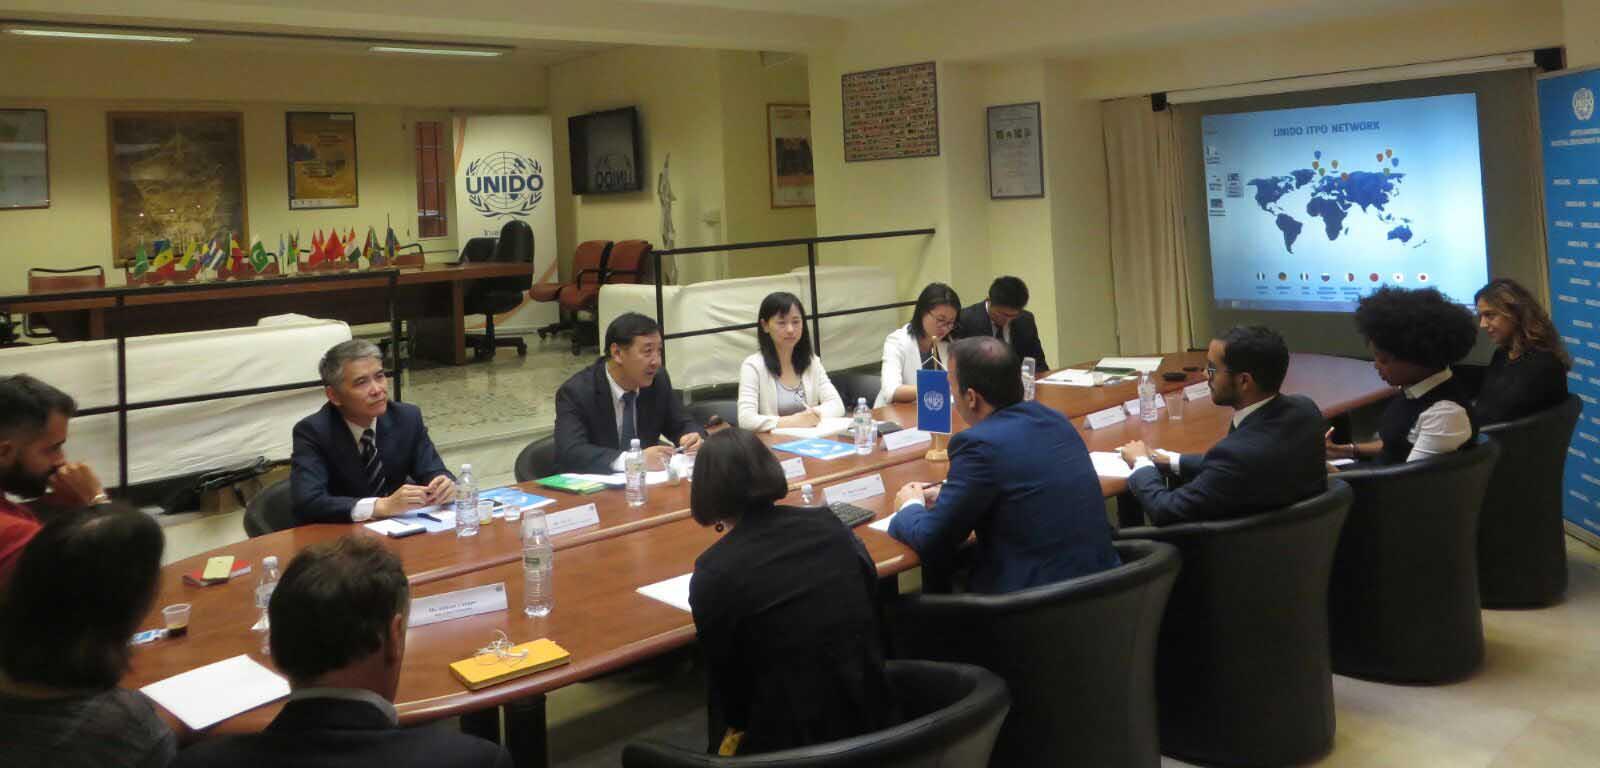 UNIDO ITPO Italy ospita una Delegazione dalla Repubblica Popolare Cinese